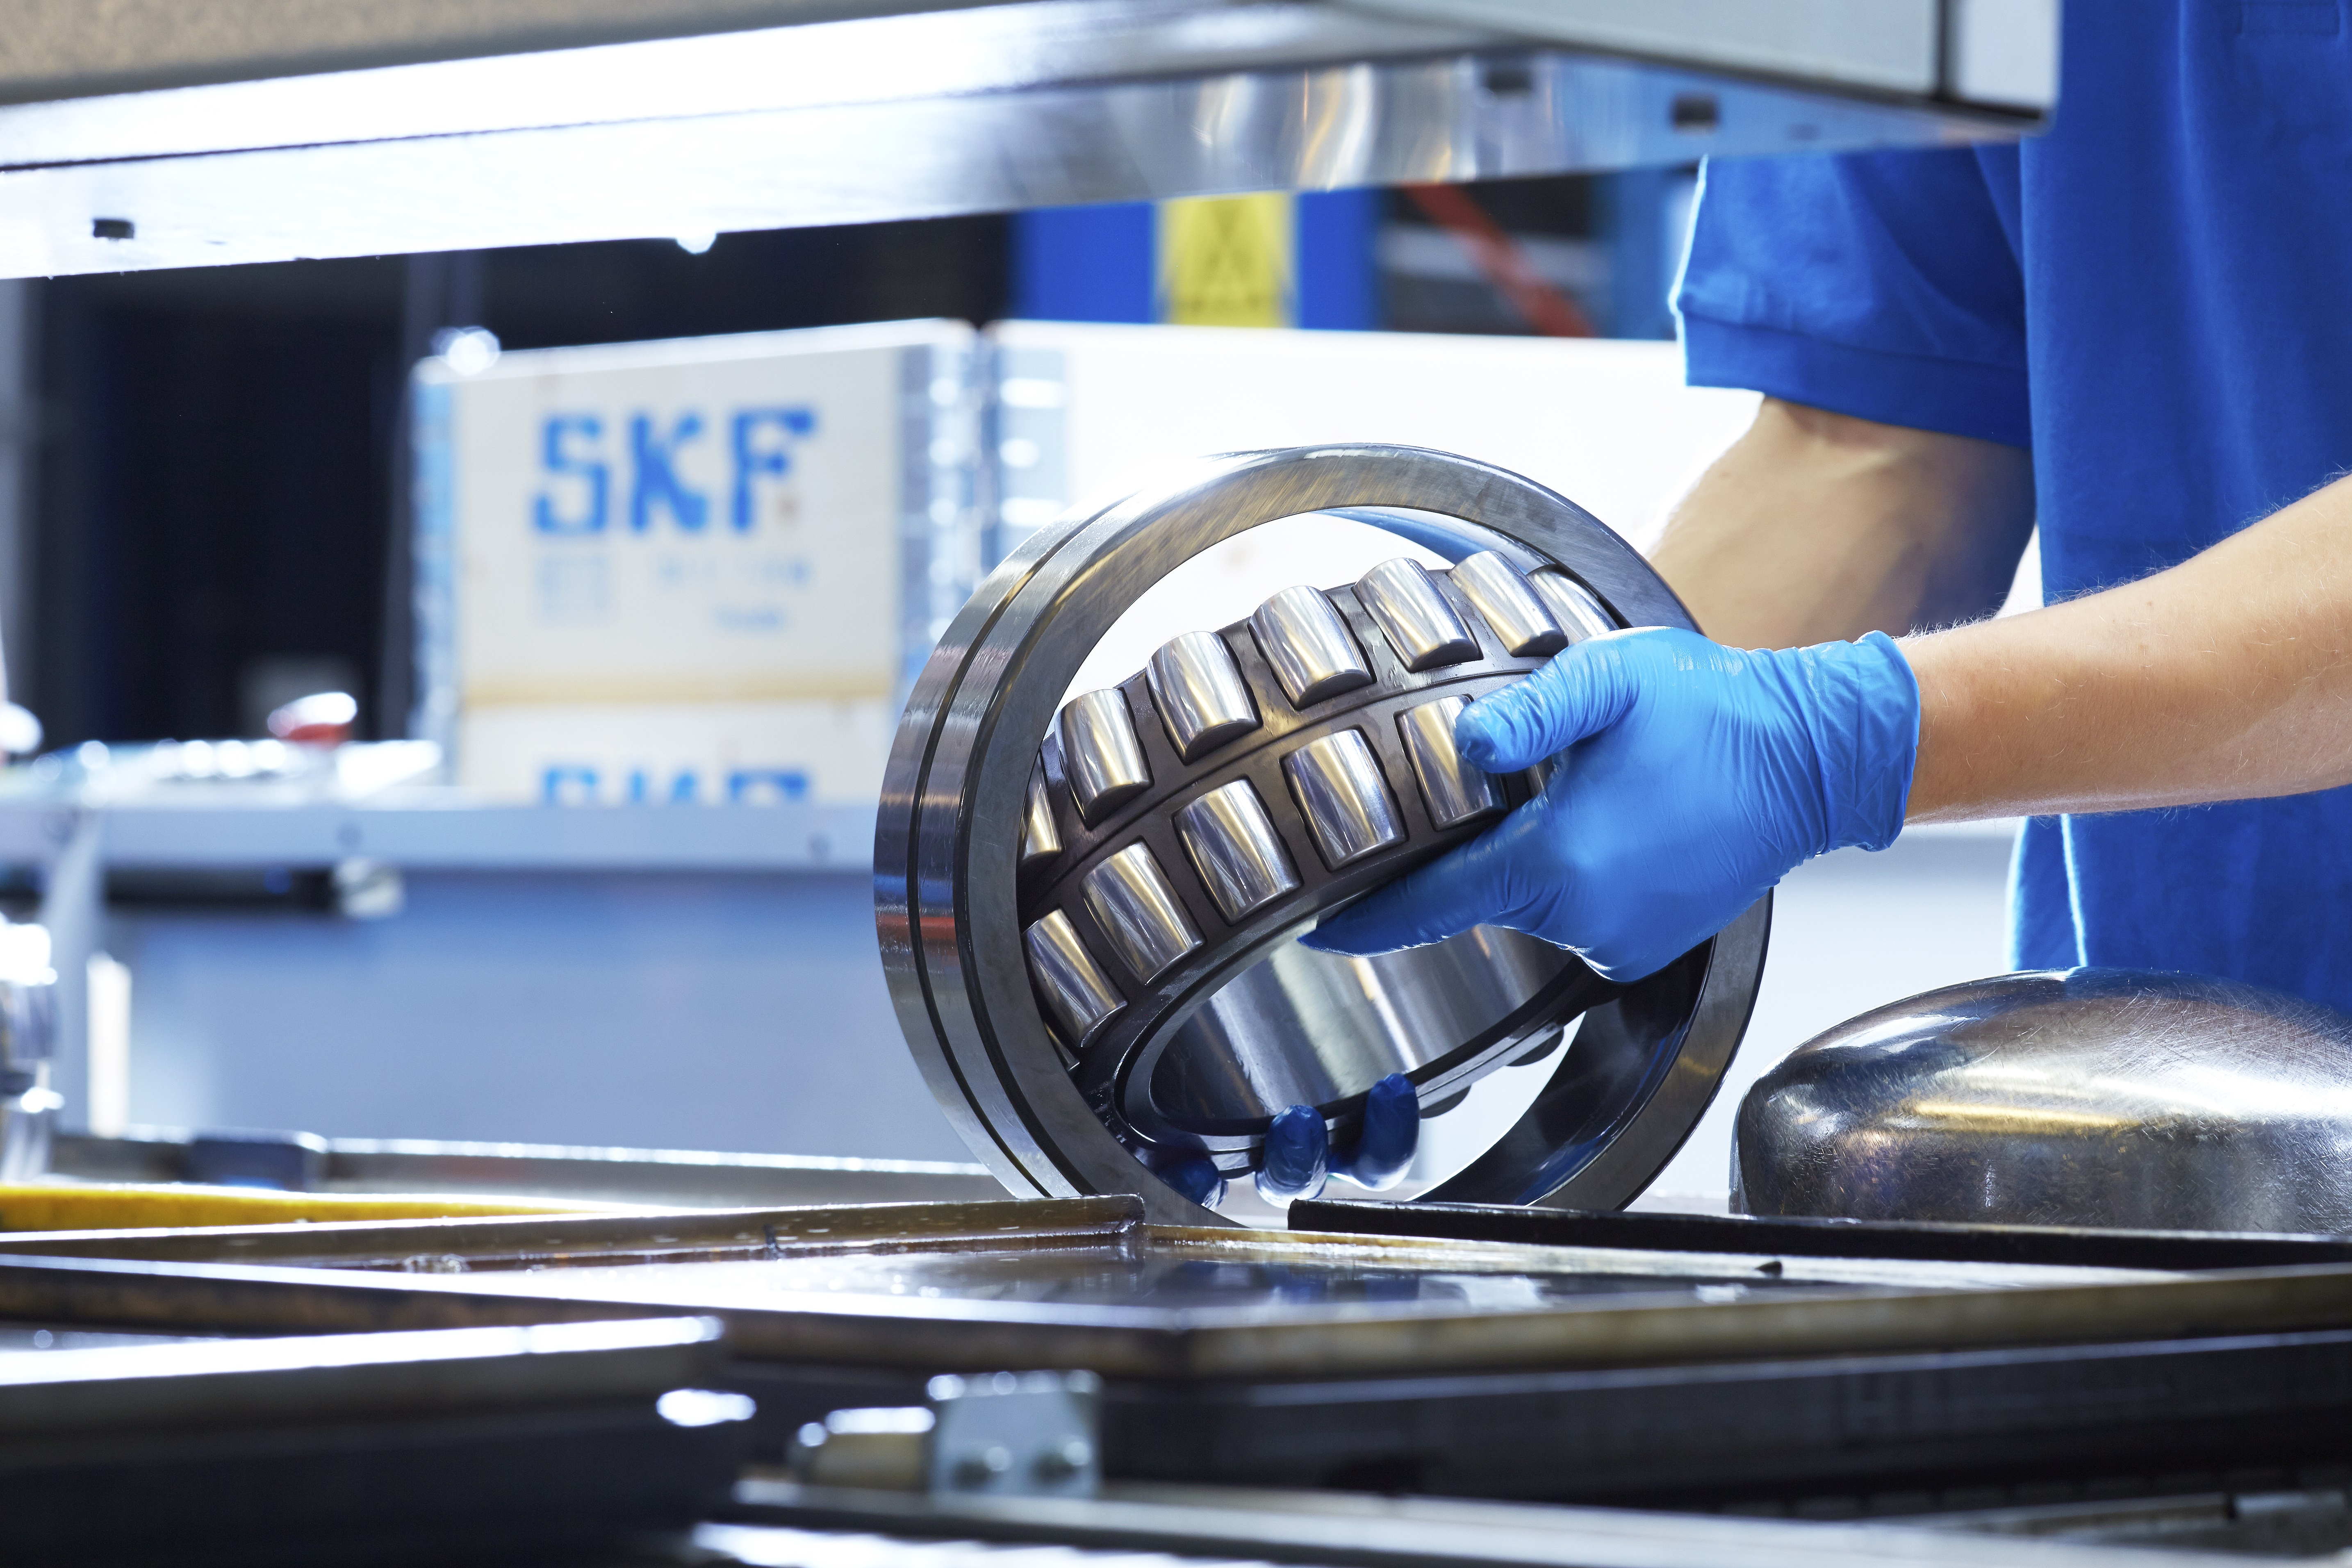 Tillverkning SKF